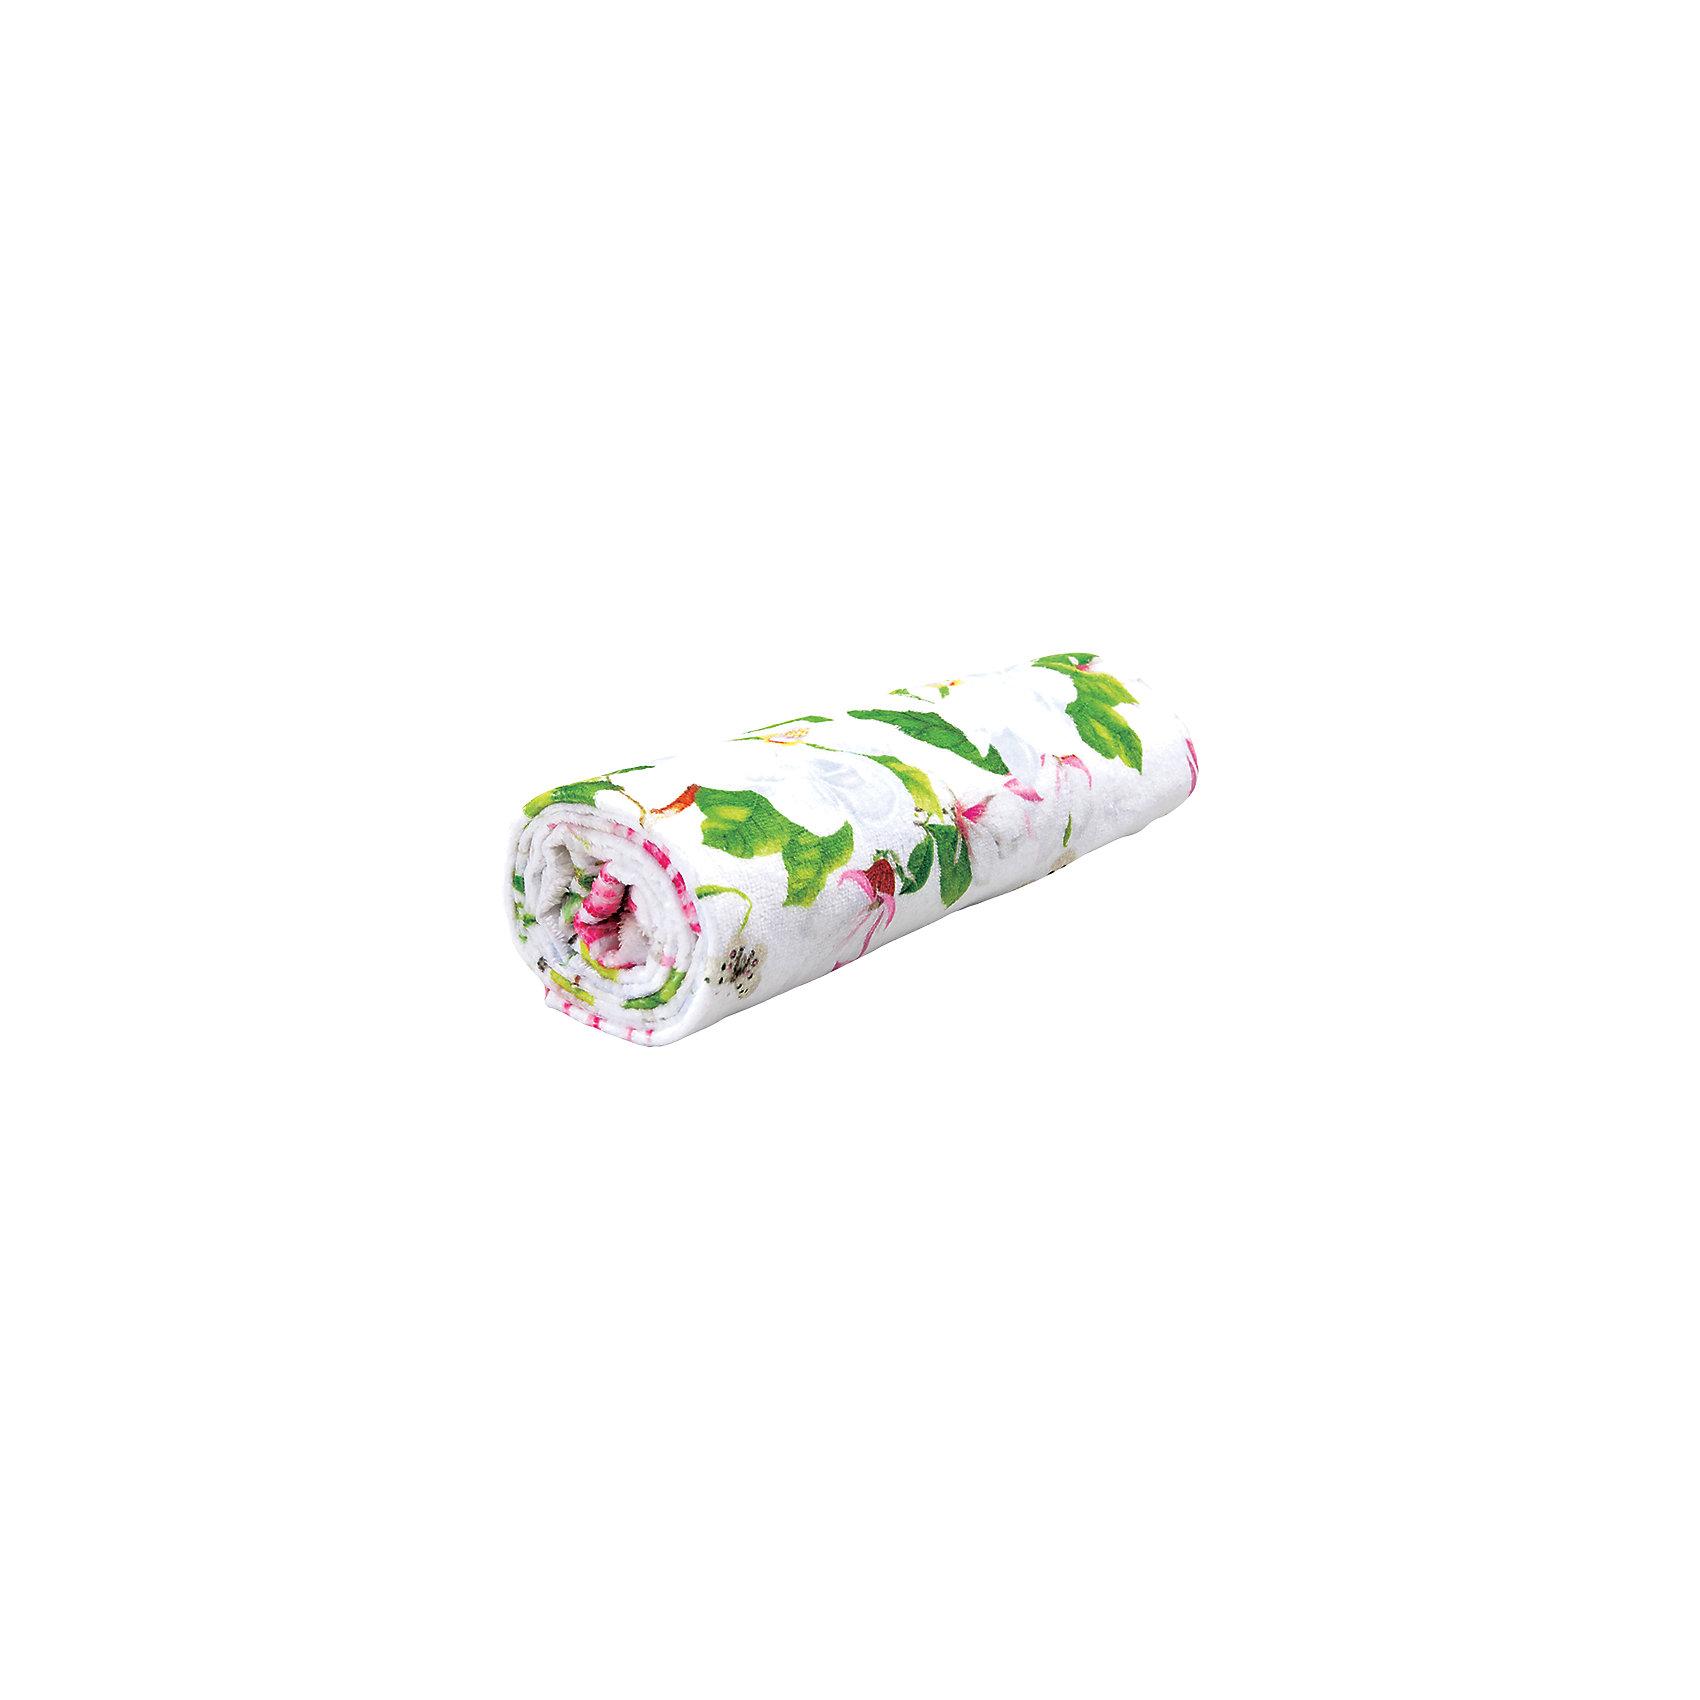 Полотенце «Magnolia» 50*90 хлопок велюр, Mona LizaДомашний текстиль<br>Характеристики:<br><br>• материал: махра<br>• состав: 70% хлопок, 30% велюр<br>• размер полотенца: 50х90 см<br>• размер упаковки: 37х1х25 см<br>• вес: 350 грамм<br><br>Полотенце Magnolia декорировано красочным принтом с прекрасными магнолиями. Полотенце изготовлено из махры. Она приятна телу и, к тому же, быстро впитывает влагу, обеспечивая вам сухость и ощущение комфорта. Кроме того, этот материал хорошо поддается стирке, не нуждается в глажке.<br><br>Полотенце «Magnolia» 50*90 хлопок велюр, Mona Liza (Мона Лиза) вы можете купить в нашем интернет-магазине.<br><br>Ширина мм: 300<br>Глубина мм: 10<br>Высота мм: 200<br>Вес г: 200<br>Возраст от месяцев: 84<br>Возраст до месяцев: 600<br>Пол: Унисекс<br>Возраст: Детский<br>SKU: 6765285